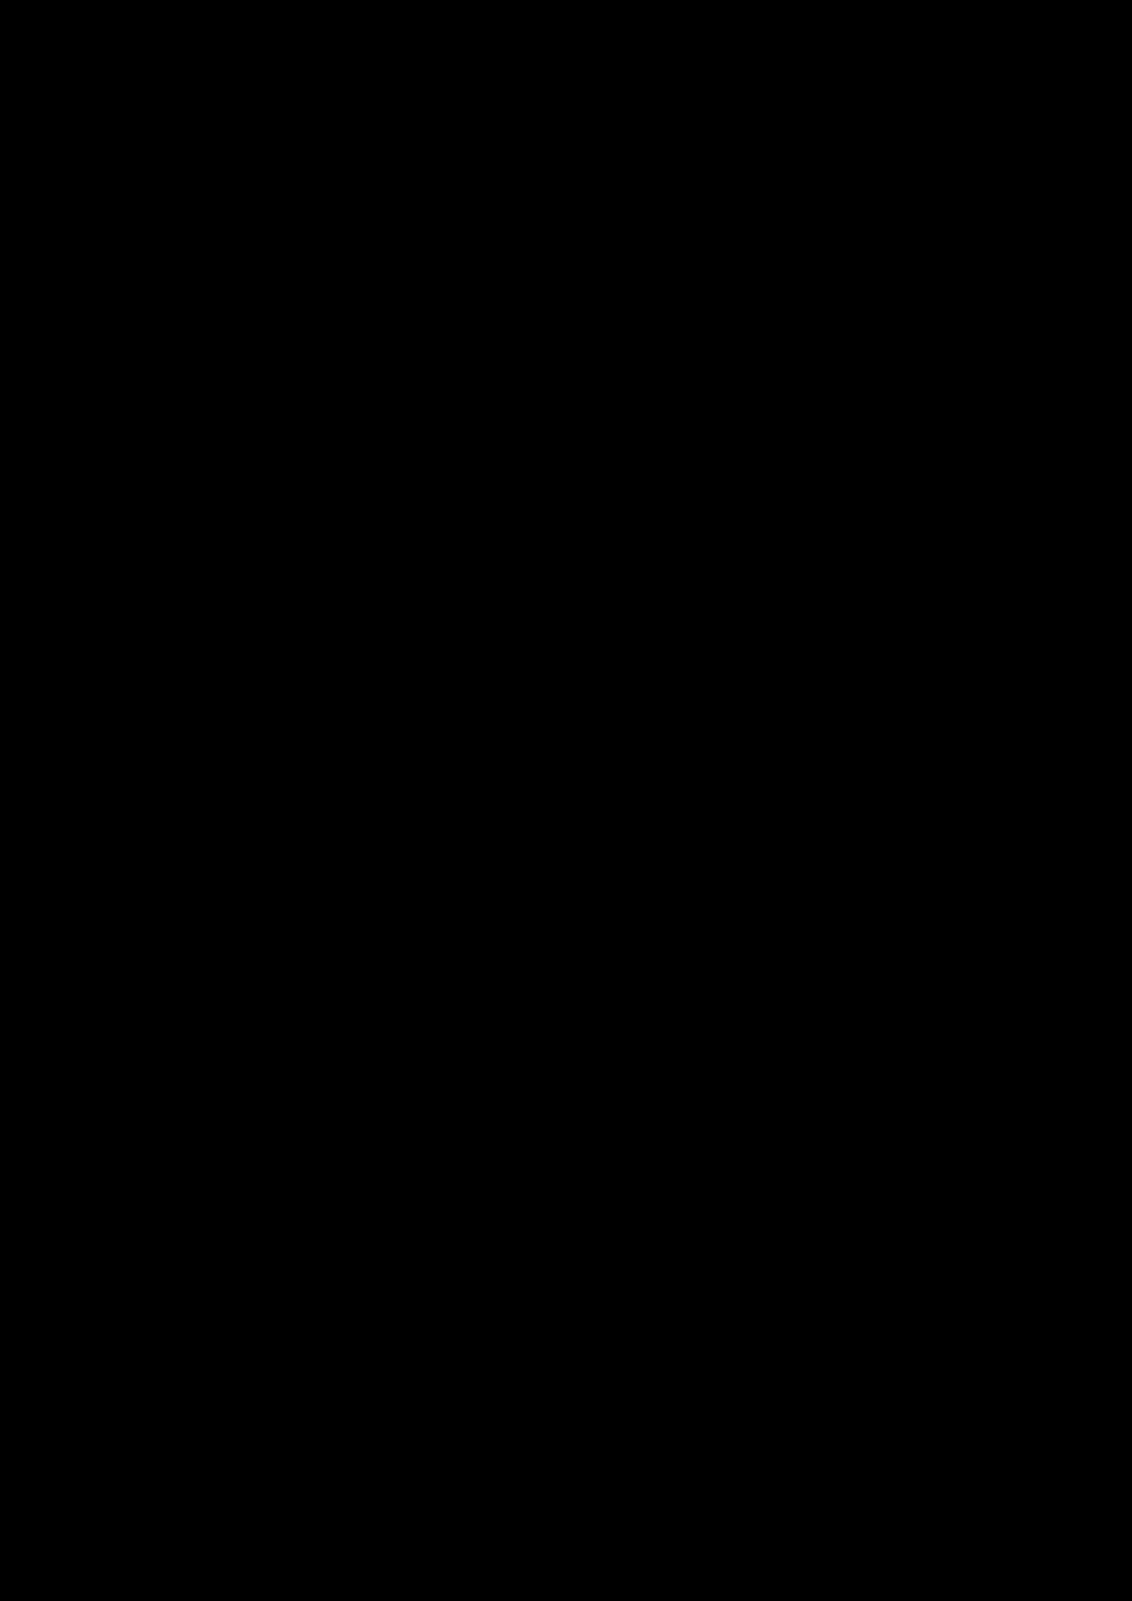 Serdtse slide, Image 18